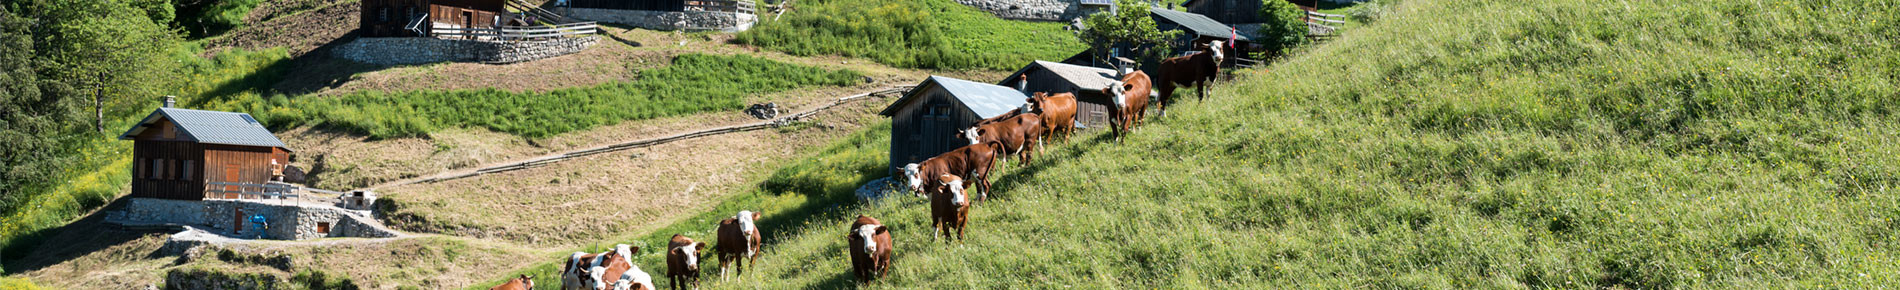 Alpage de Tréchauffé, La Forclaz, Géopark Chablais